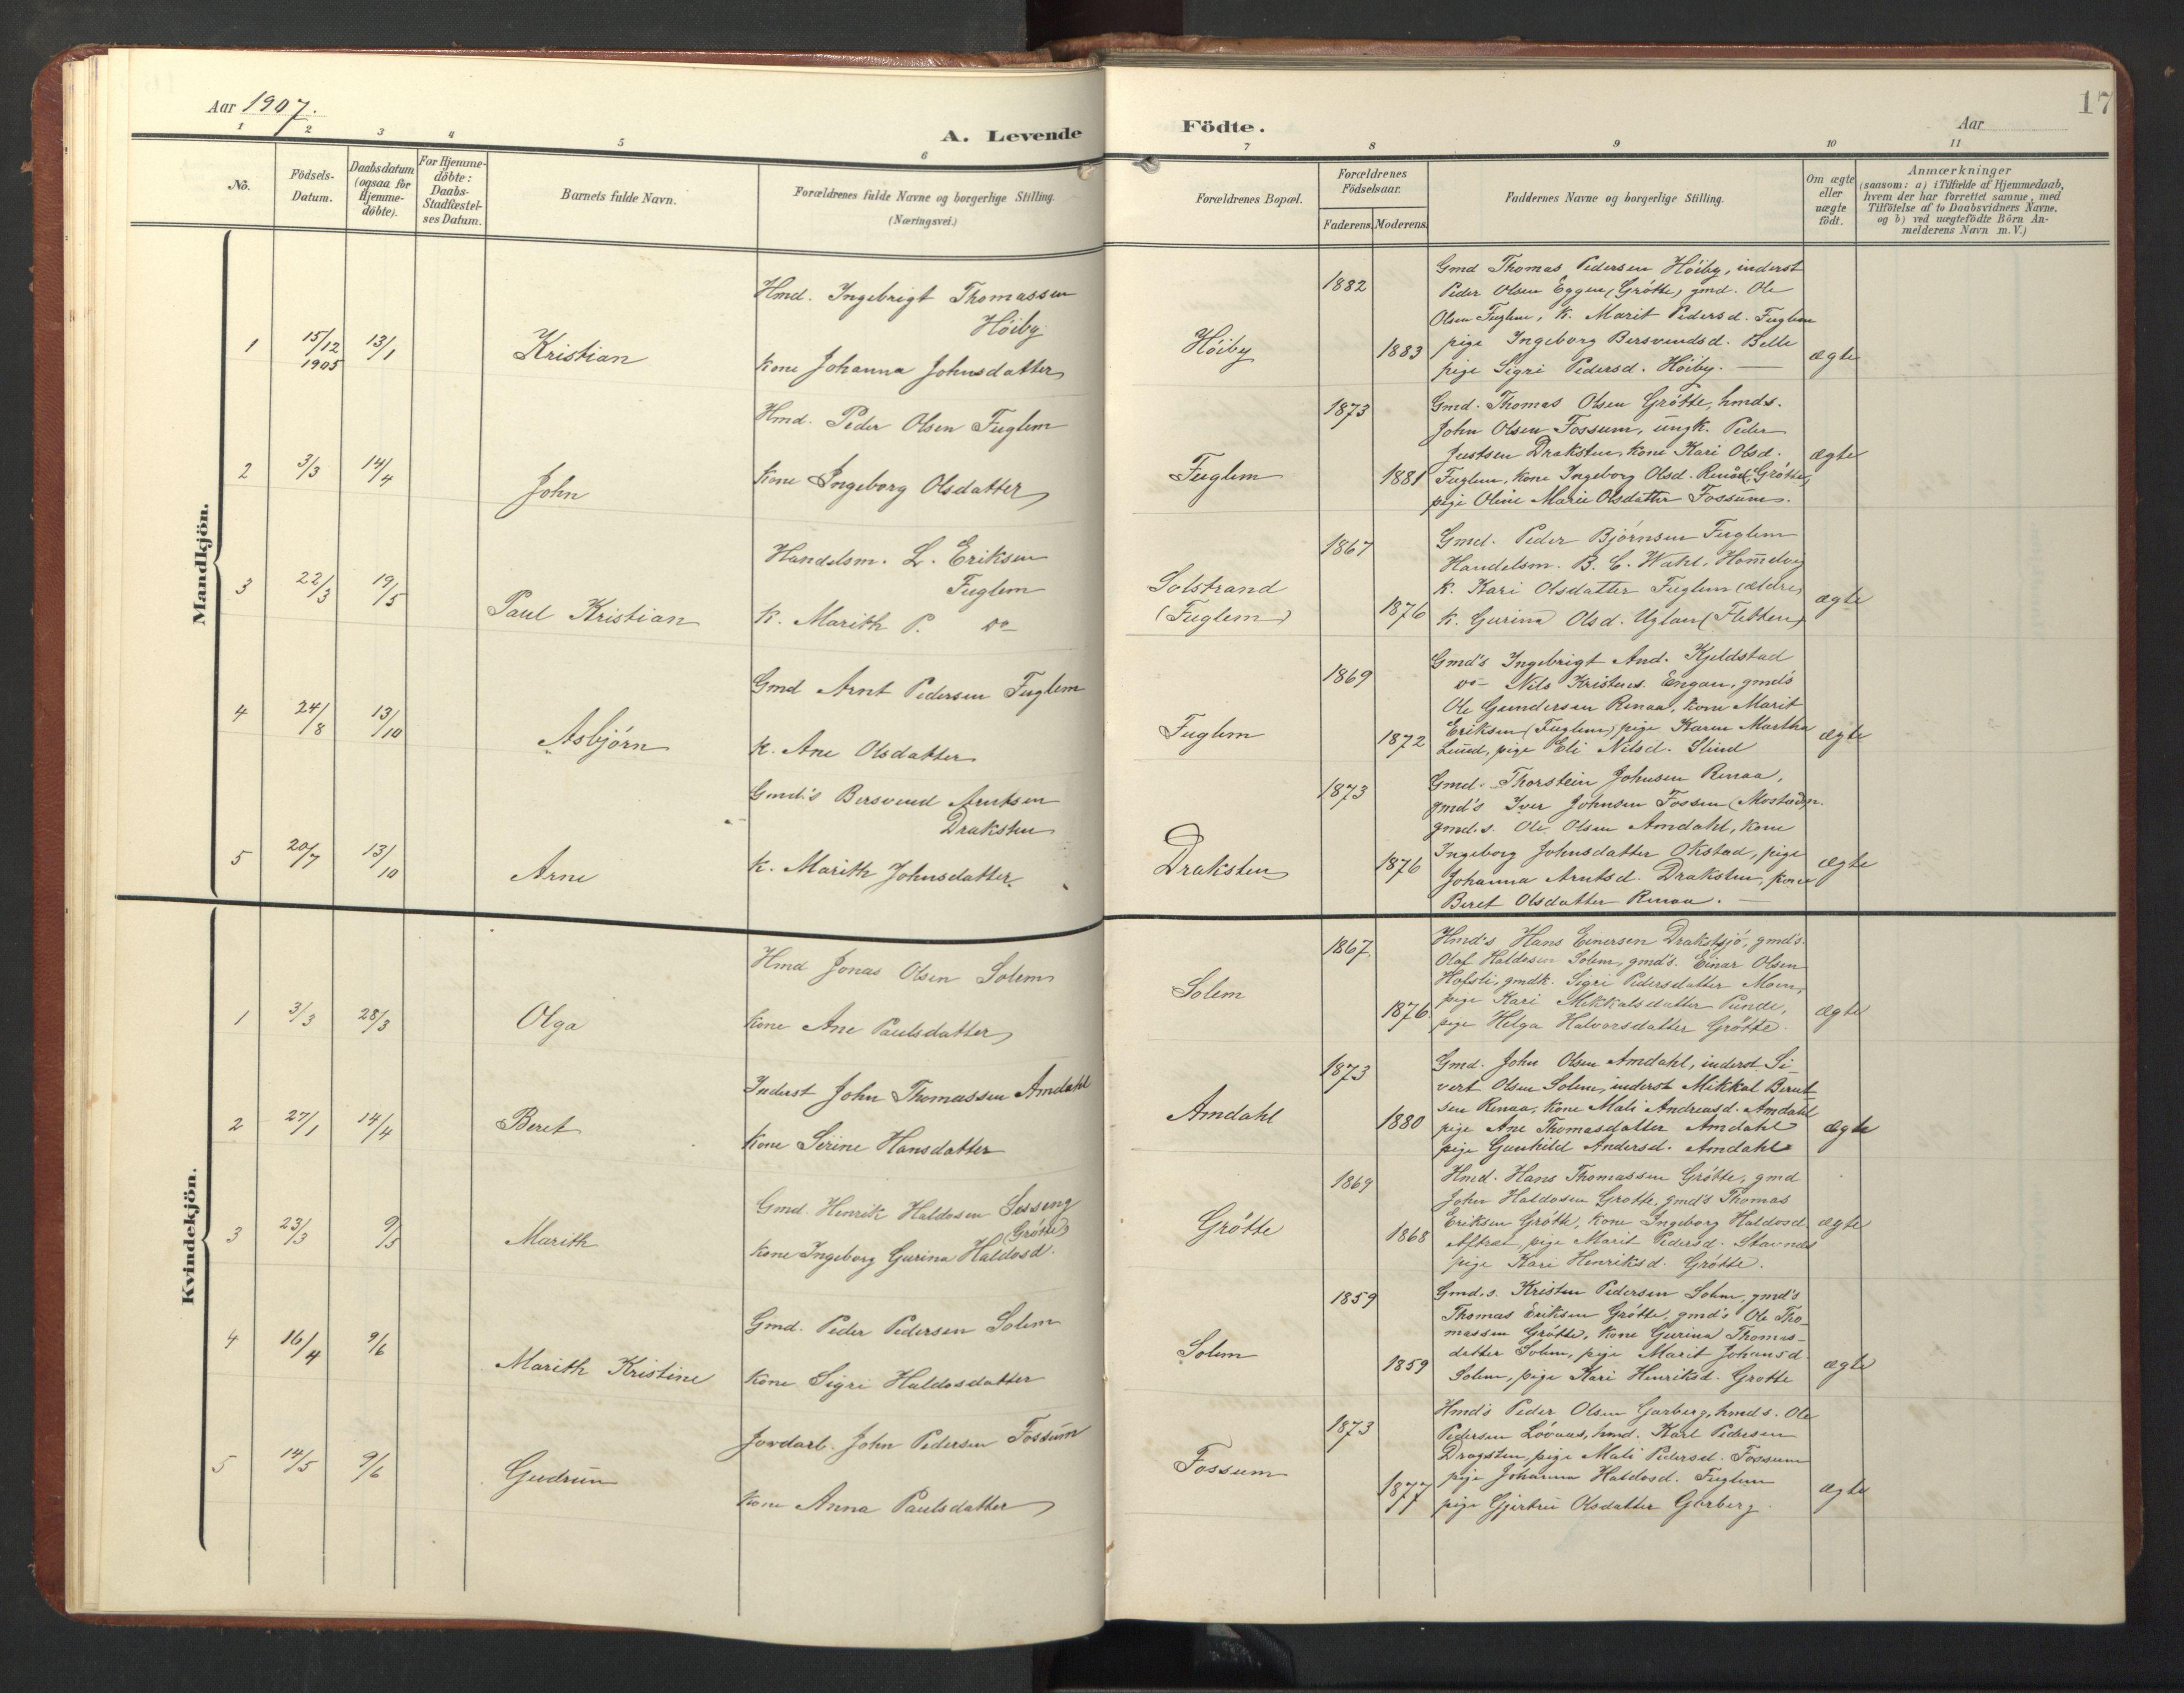 SAT, Ministerialprotokoller, klokkerbøker og fødselsregistre - Sør-Trøndelag, 696/L1161: Klokkerbok nr. 696C01, 1902-1950, s. 17